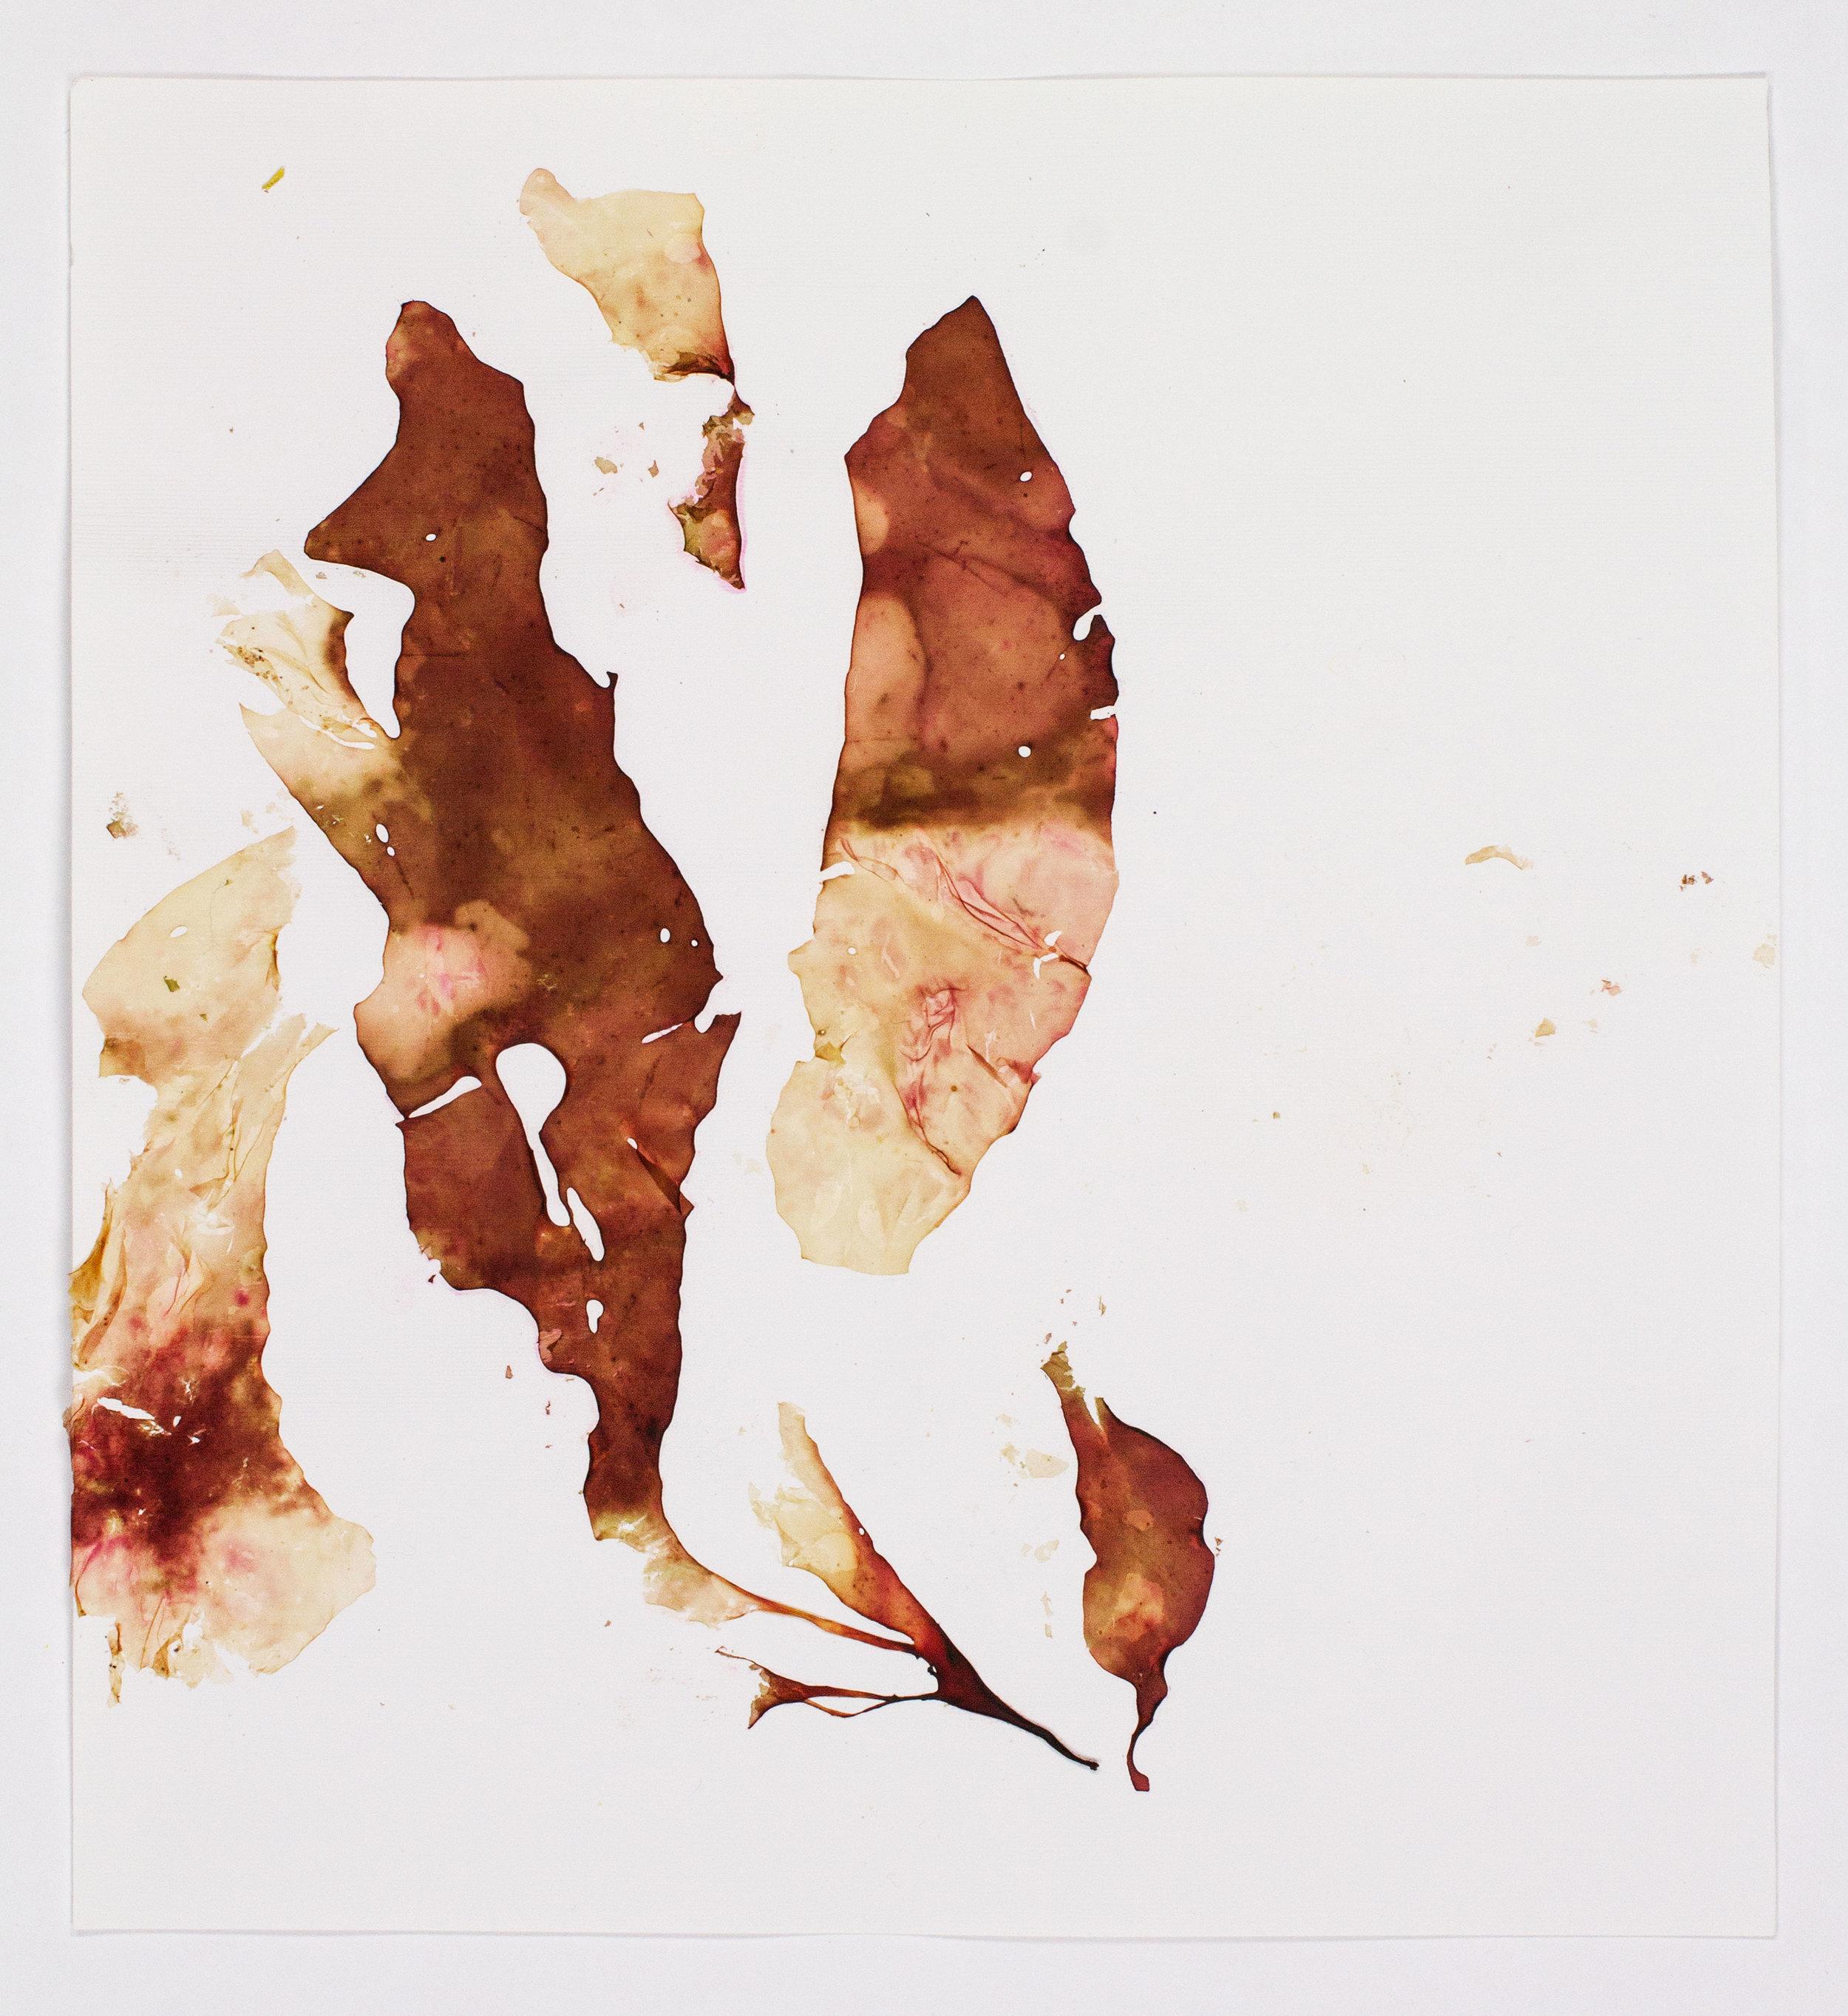 SeaweedCollage-BrownTyeDye.jpg